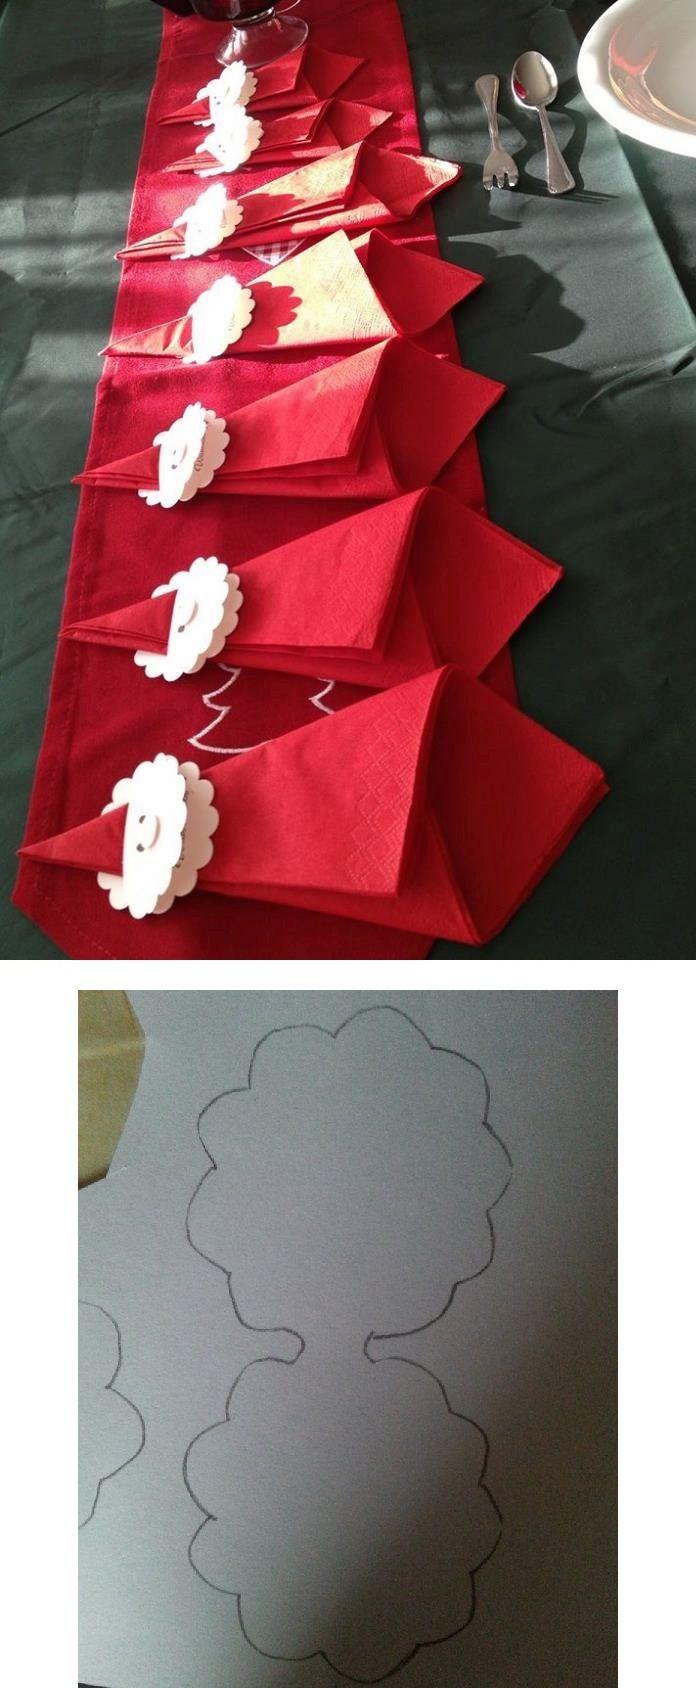 """Serviette """"Père Noël"""" marque-place. Le découpage est plié puis on fait une fente sur le haut pour pouvoir glisser la tête dans la serviette. La première partie sert à dessiner la tête et celle du dessous à marquer le prénom."""